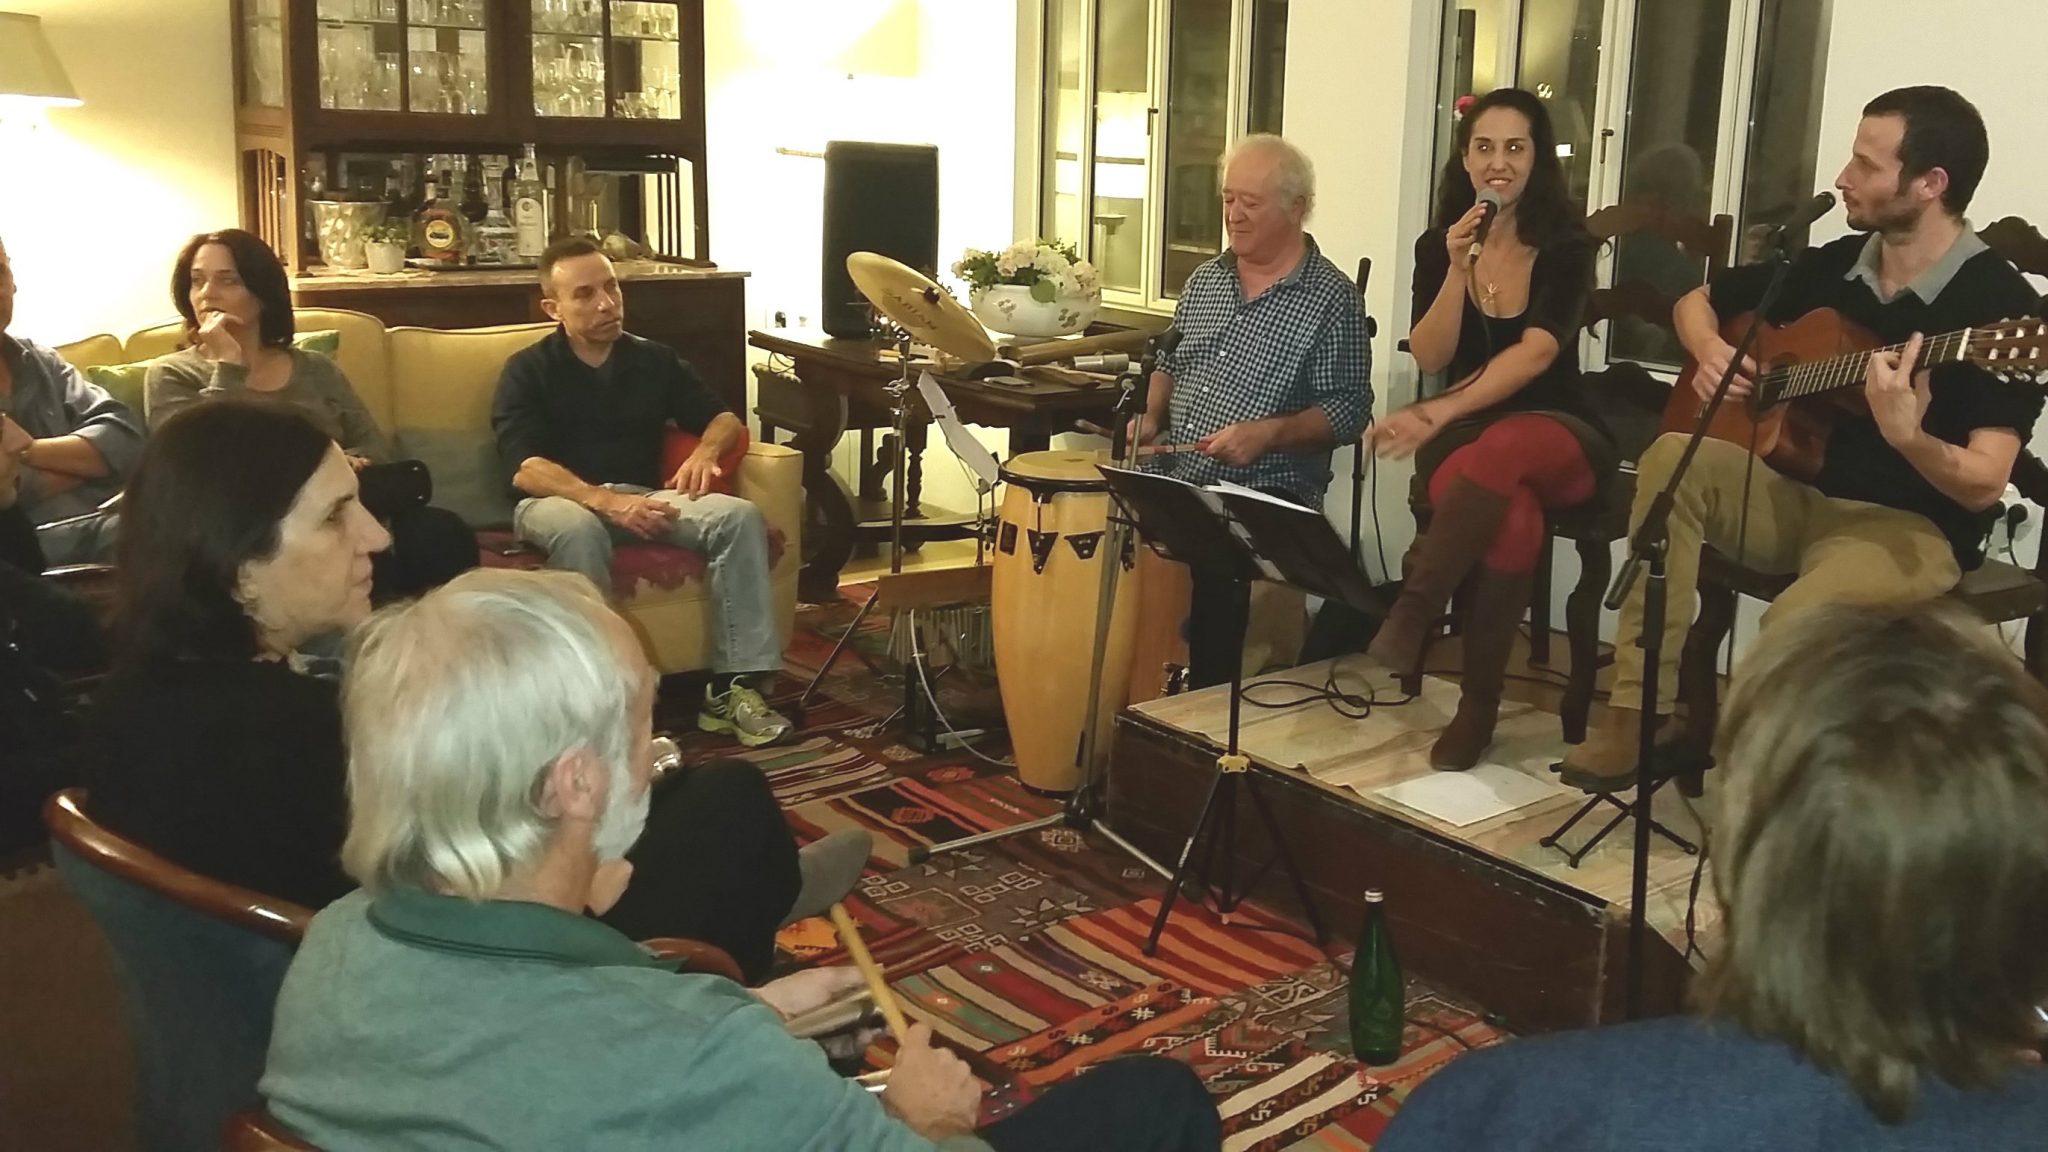 בתים מנגנים – חיבור של קהילה ומוזיקאים בטבעון